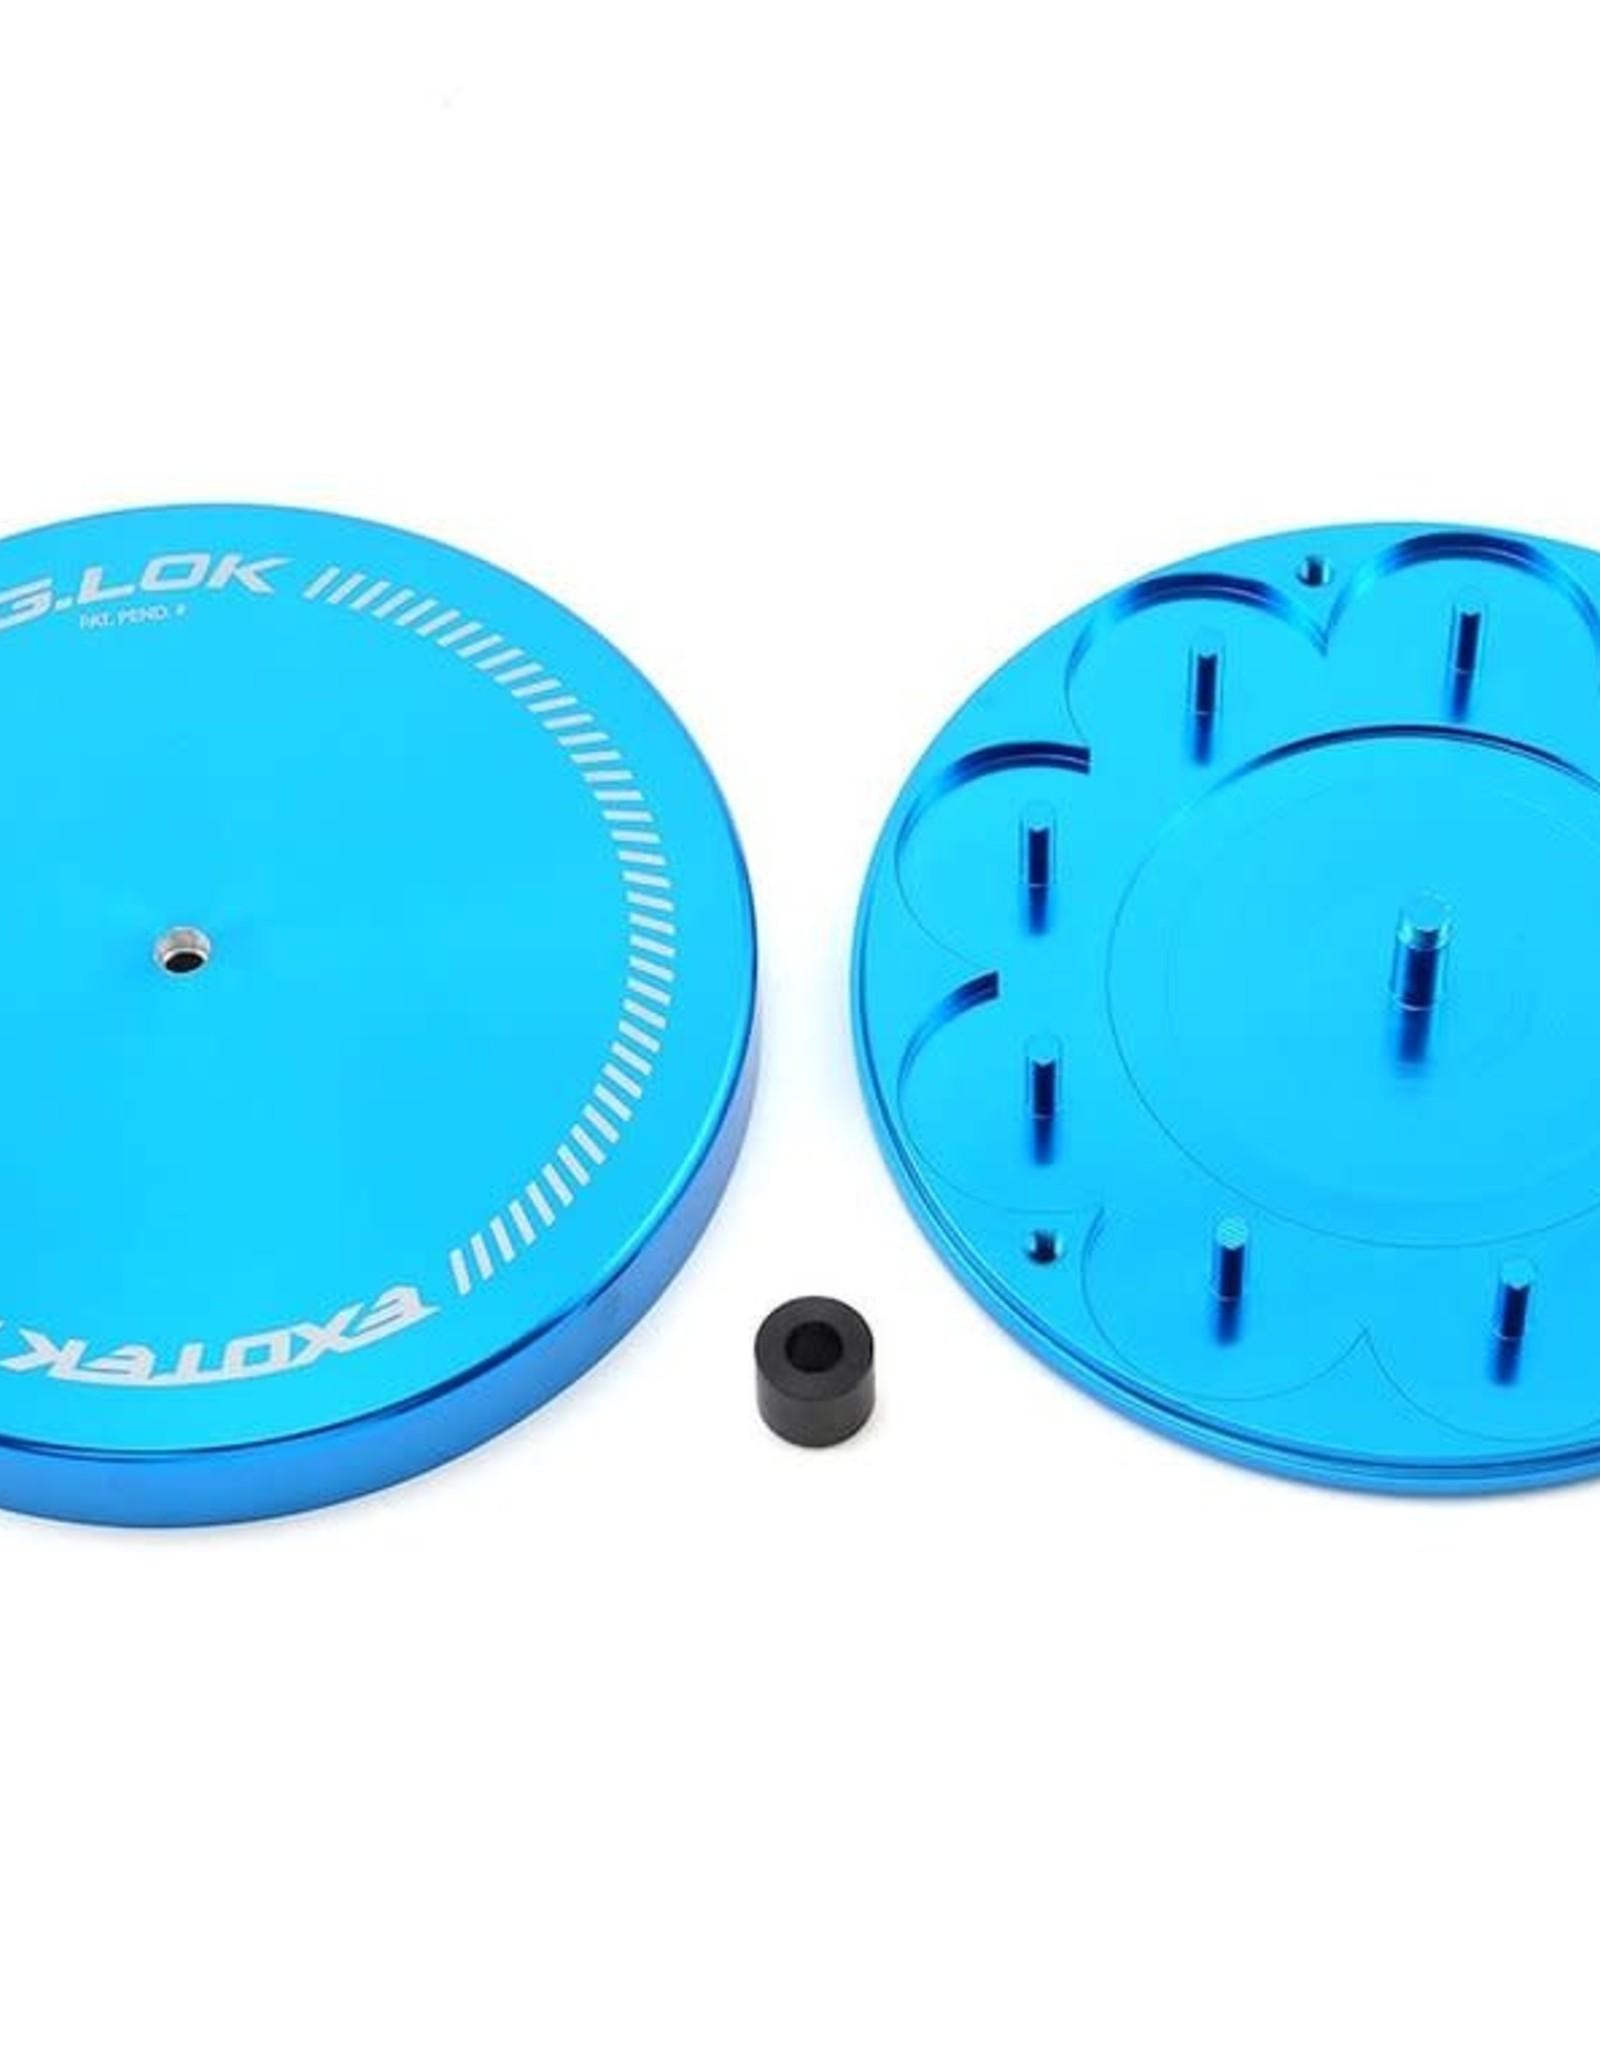 Exotek Exotek G.LOK Gear Locker Pinion & Spur Gear Case w/Parts Tray (Blue)